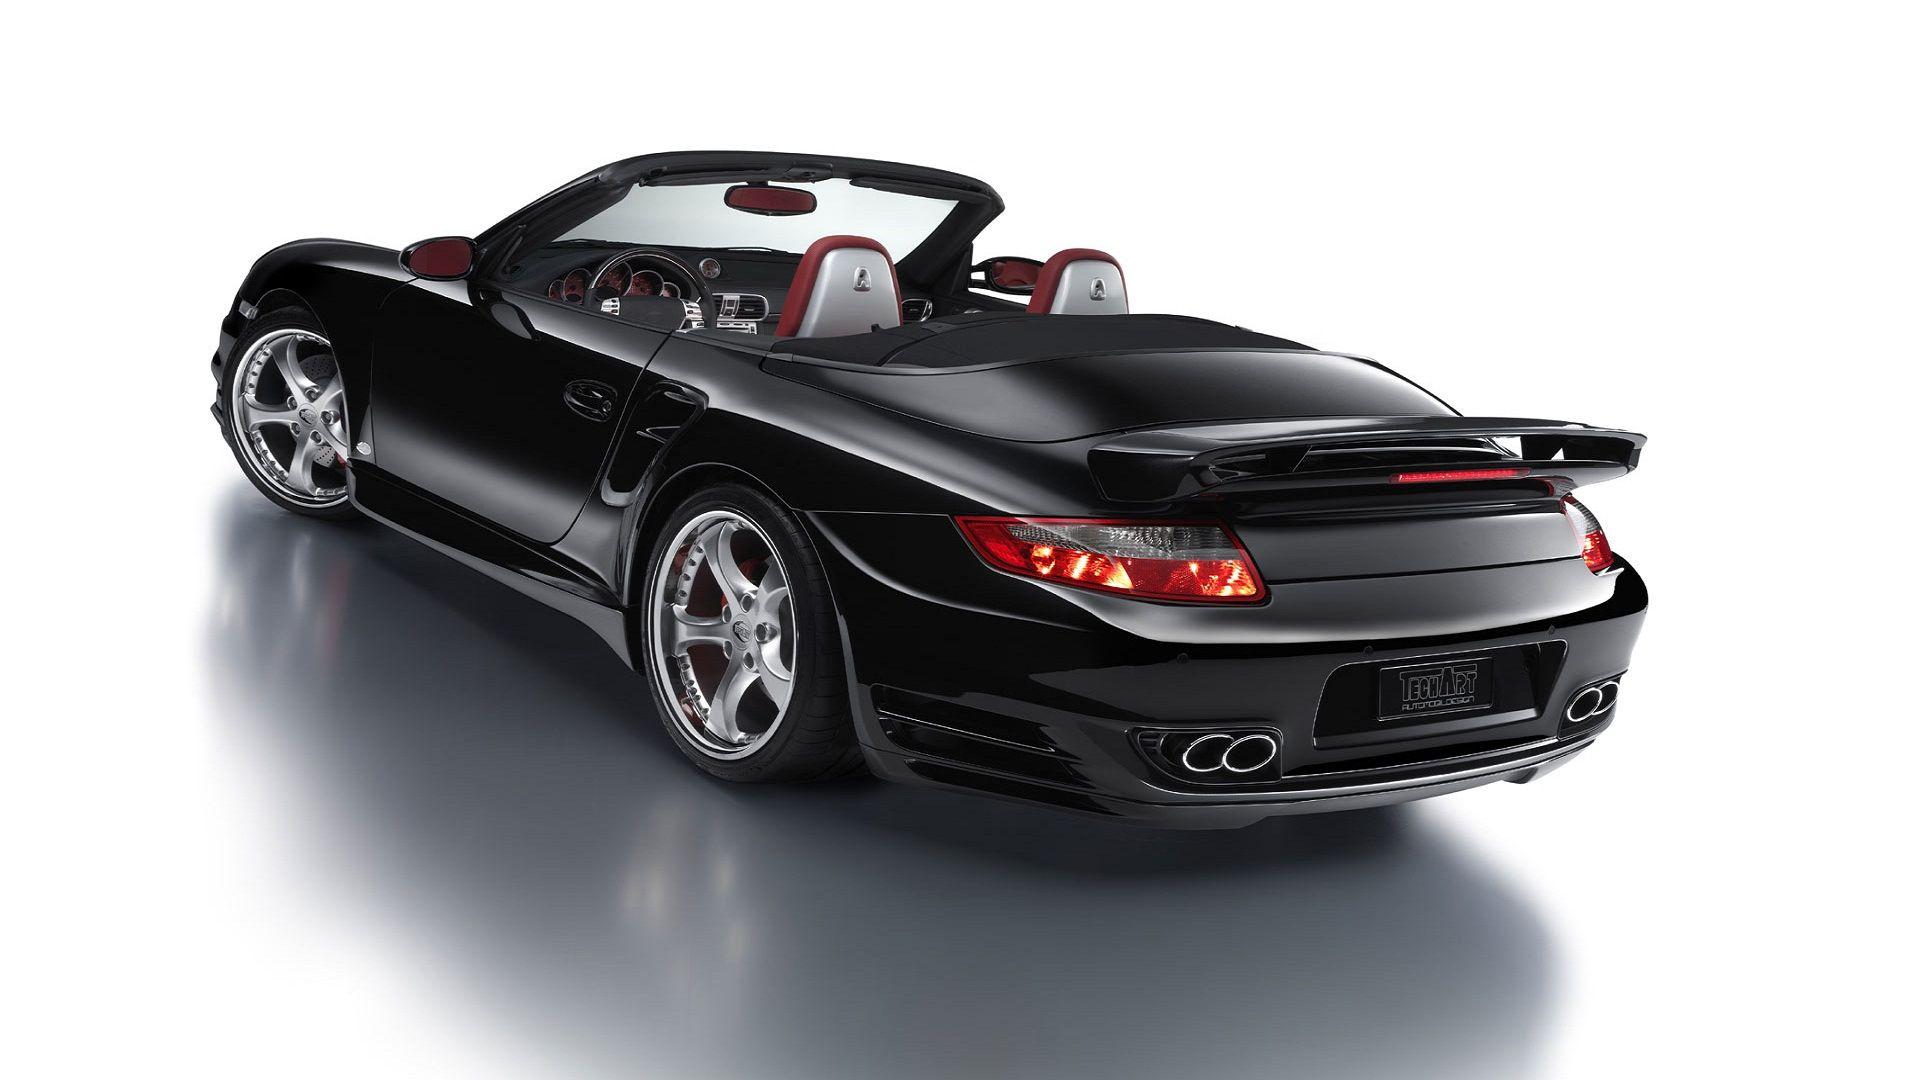 Porsche 911 turbo cabriolet techart check out these porsches http